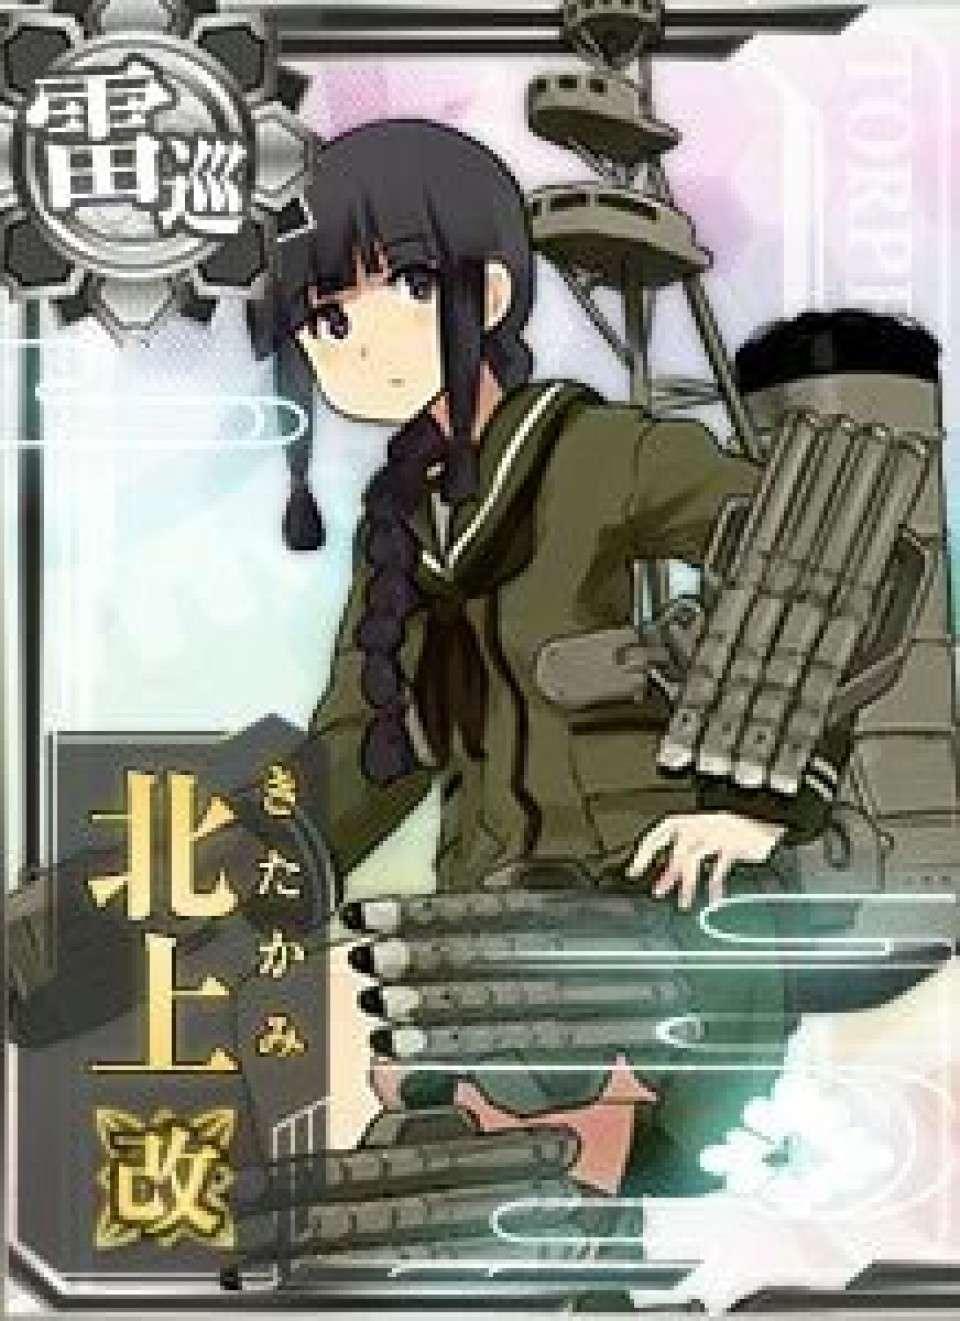 「艦これ」-軽巡・雷巡- 北上(きたかみ)のキャラクター紹介画像